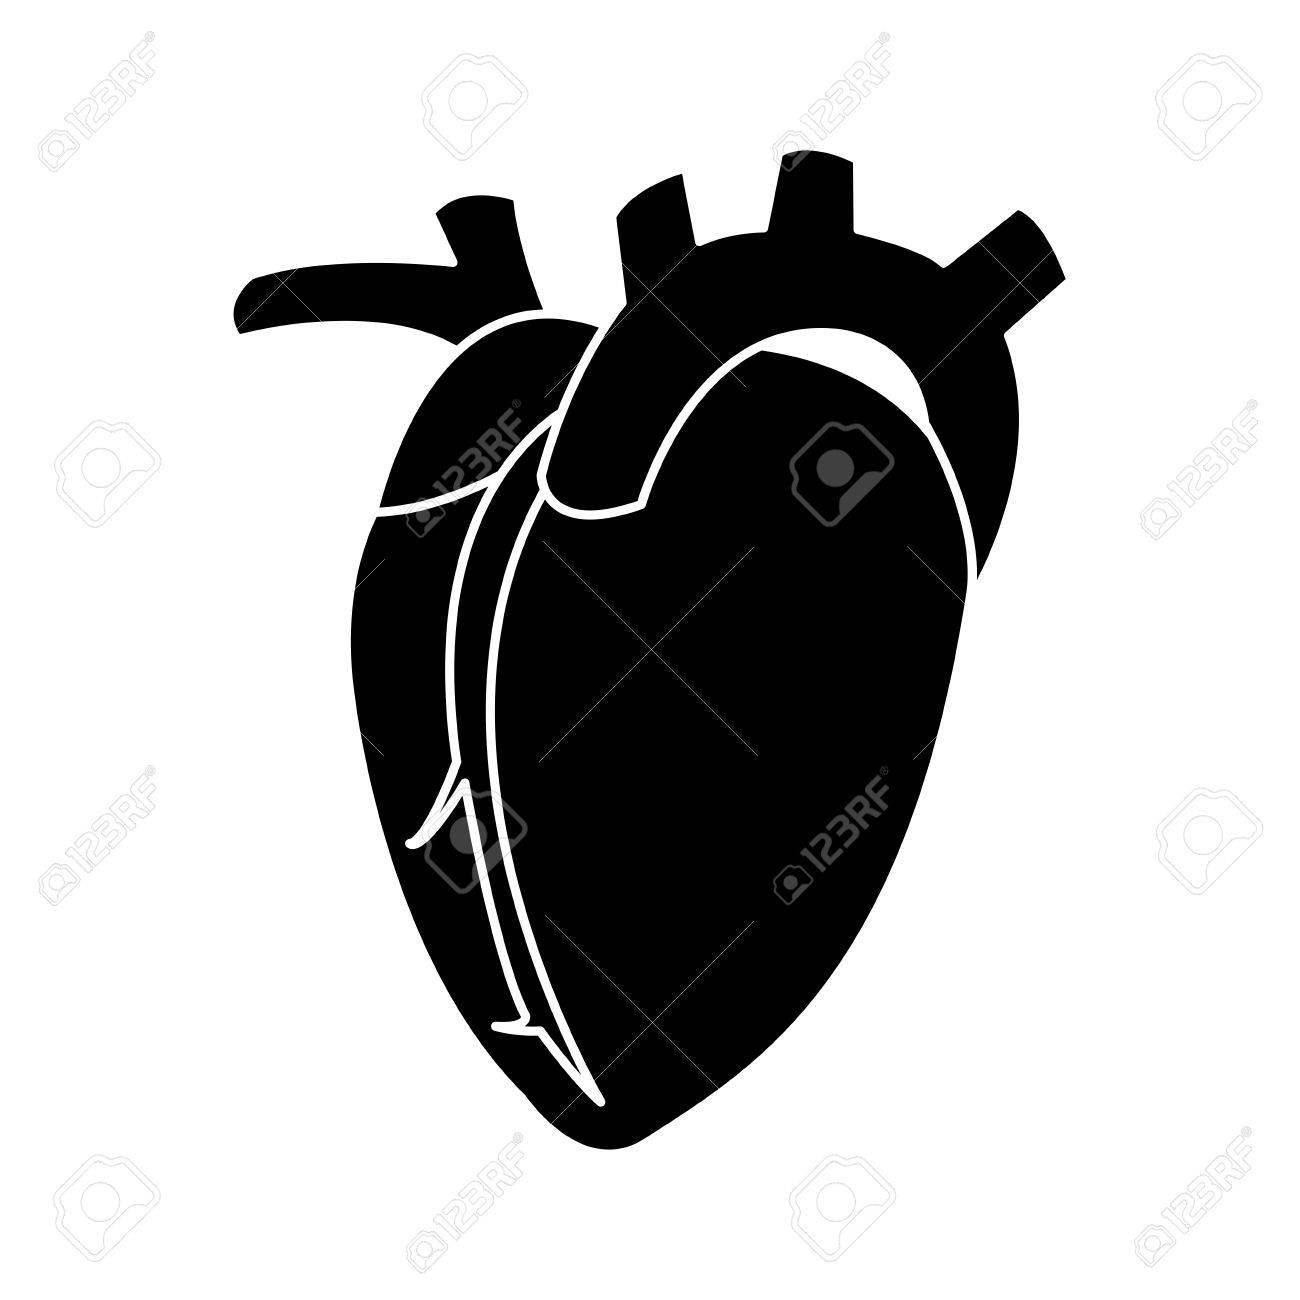 Menschliches Herz-Symbol Bild Vektor-Illustration Design Schwarz Und ...